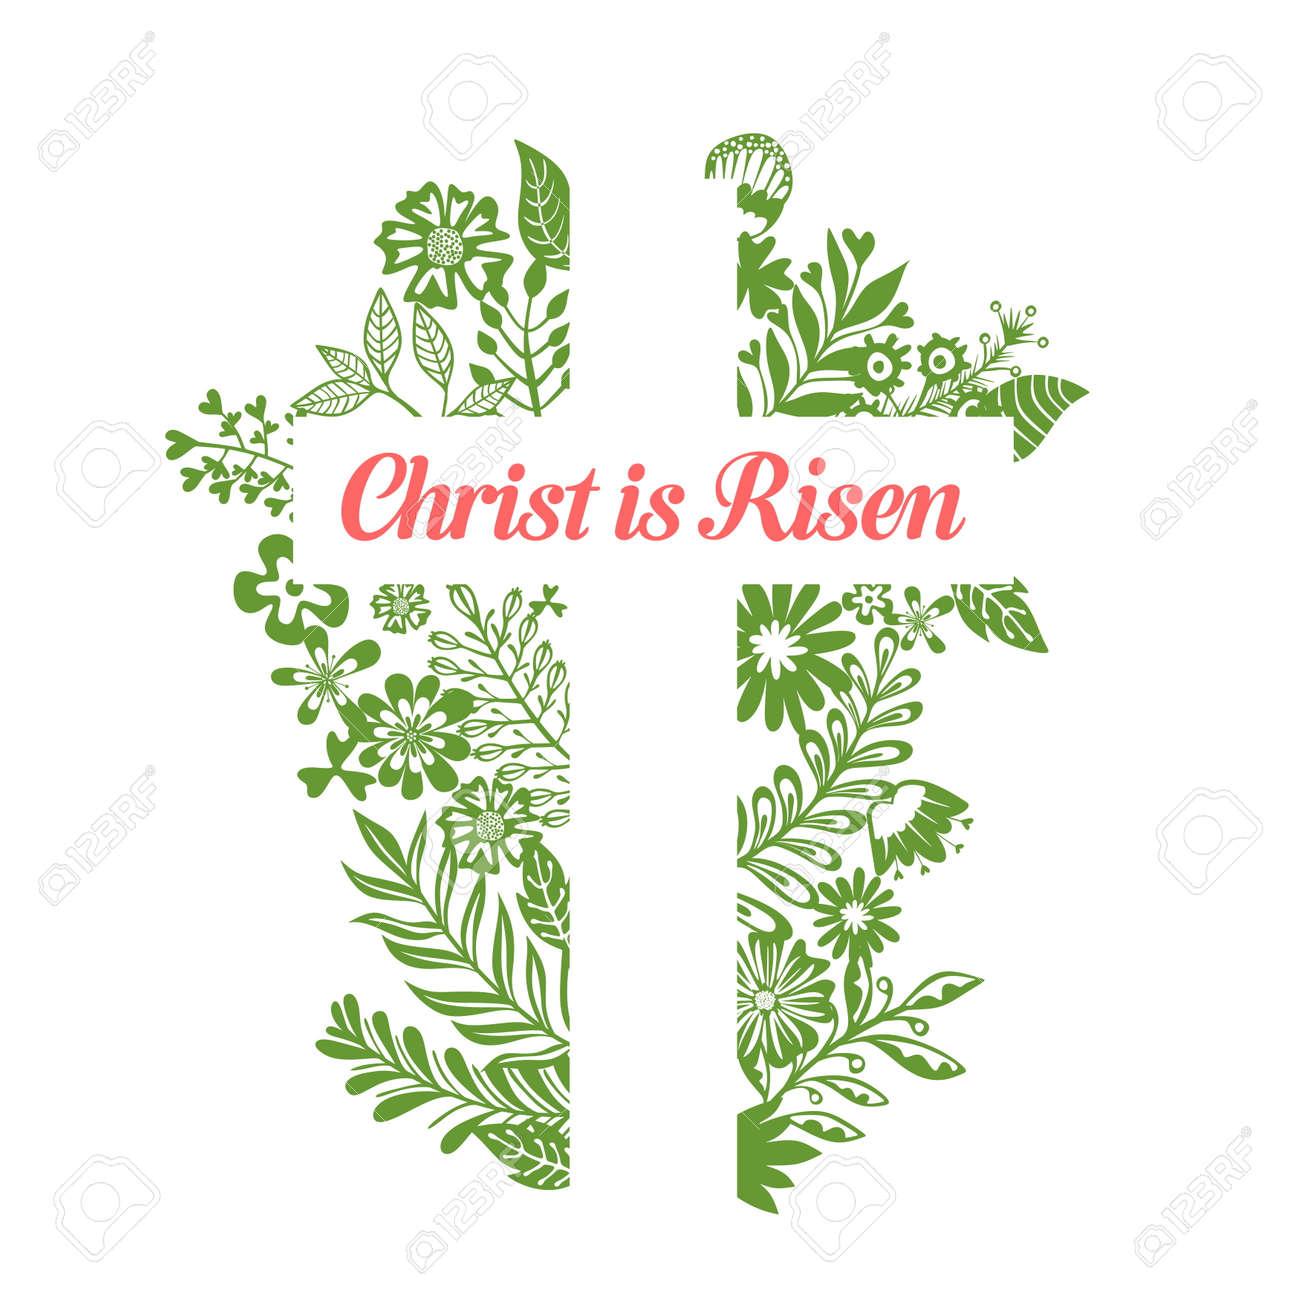 Cross of Jesus. Christ is risen. Easter illustration. - 117557007